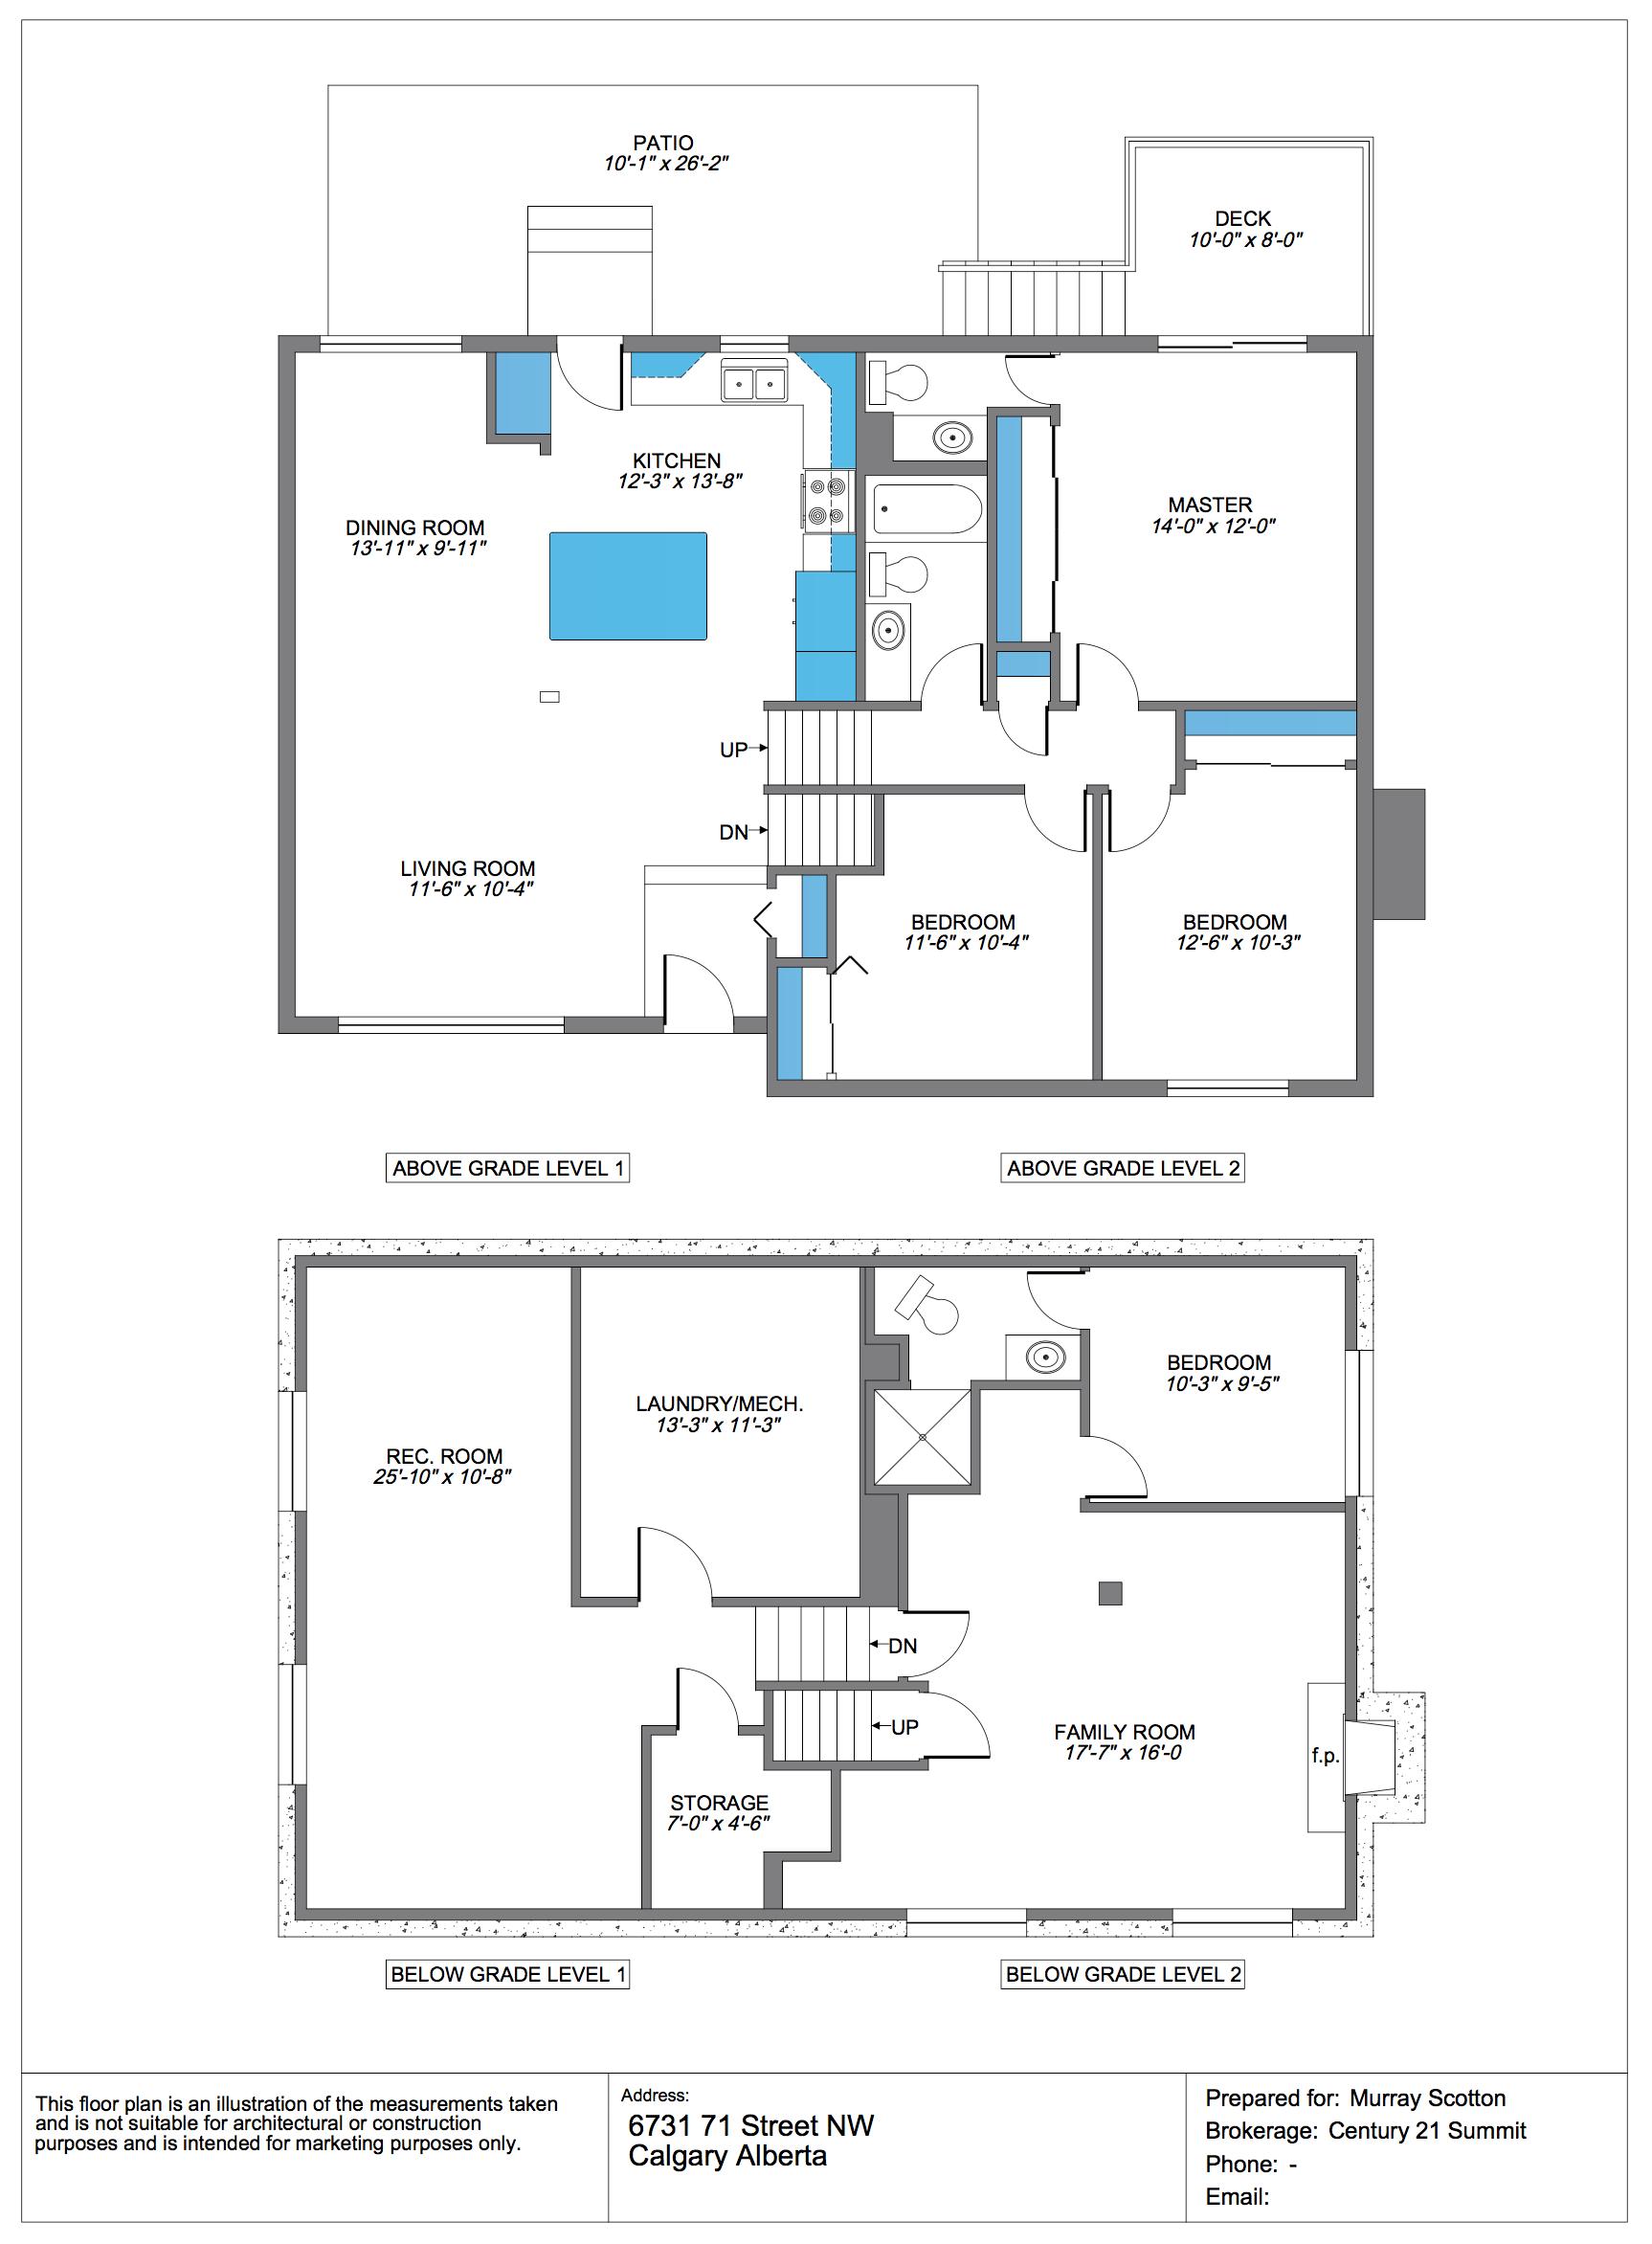 floor plans 4 exposure